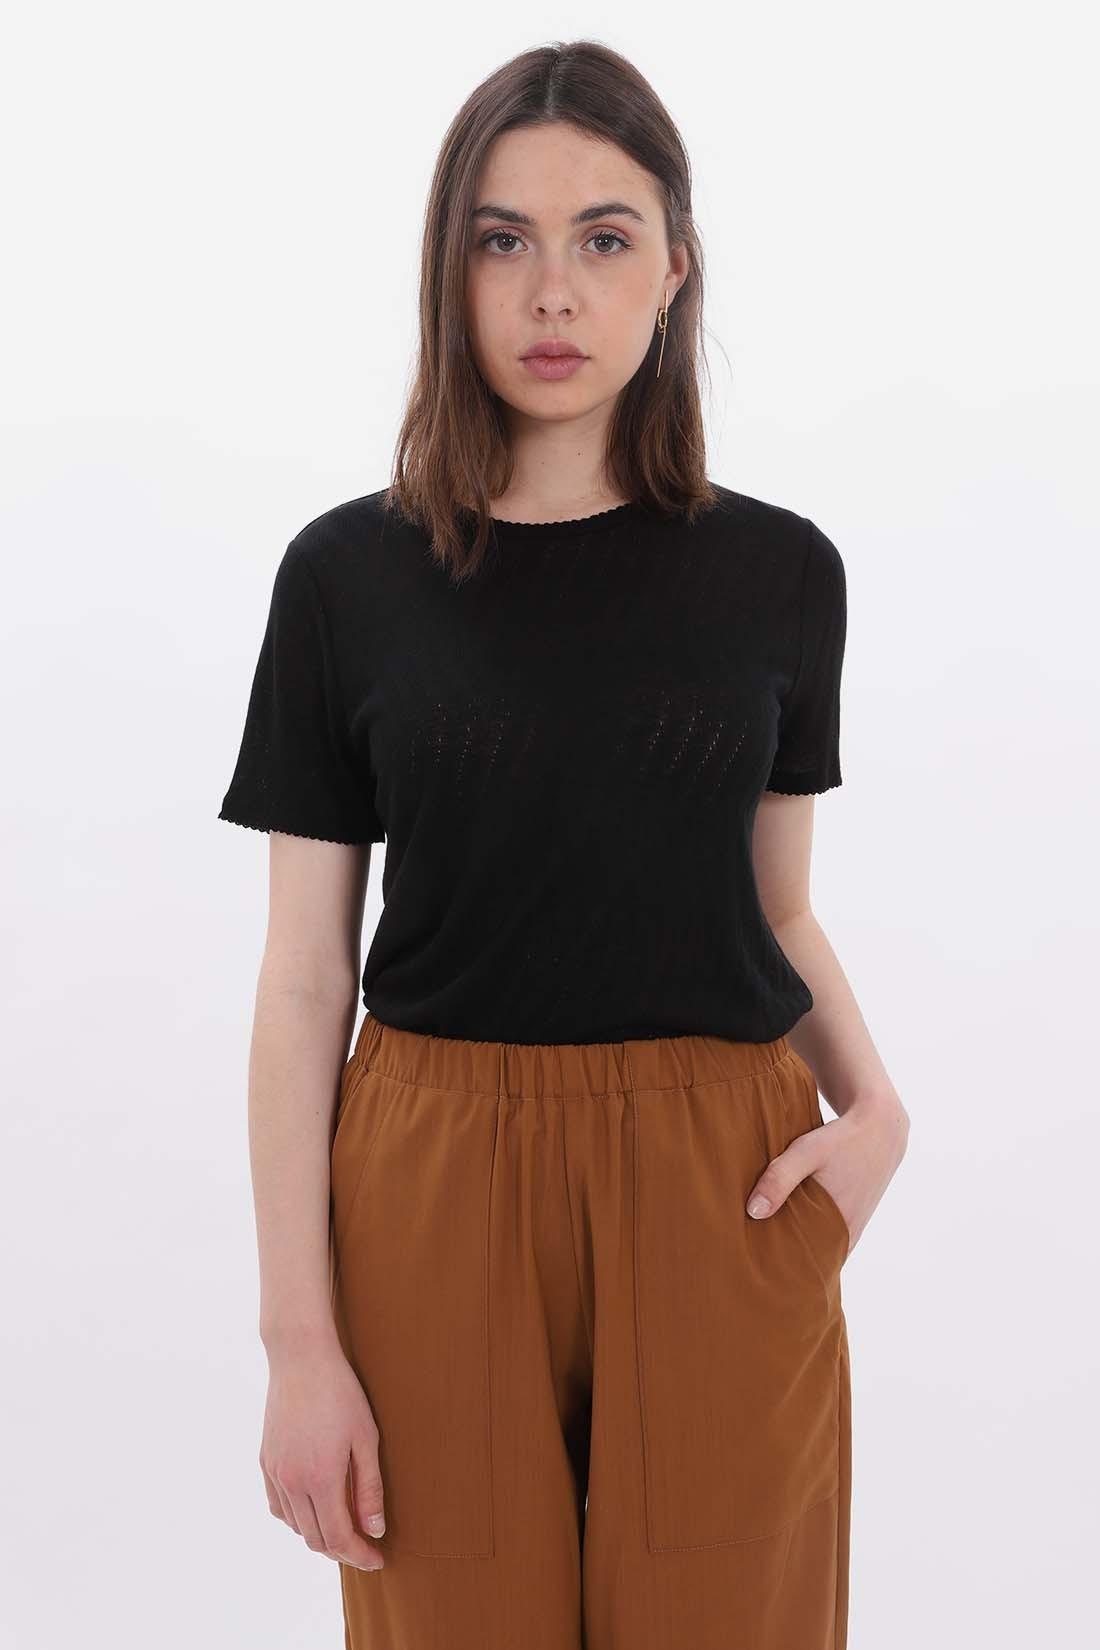 A.P.C. FOR WOMAN / T-shirt bail Noir